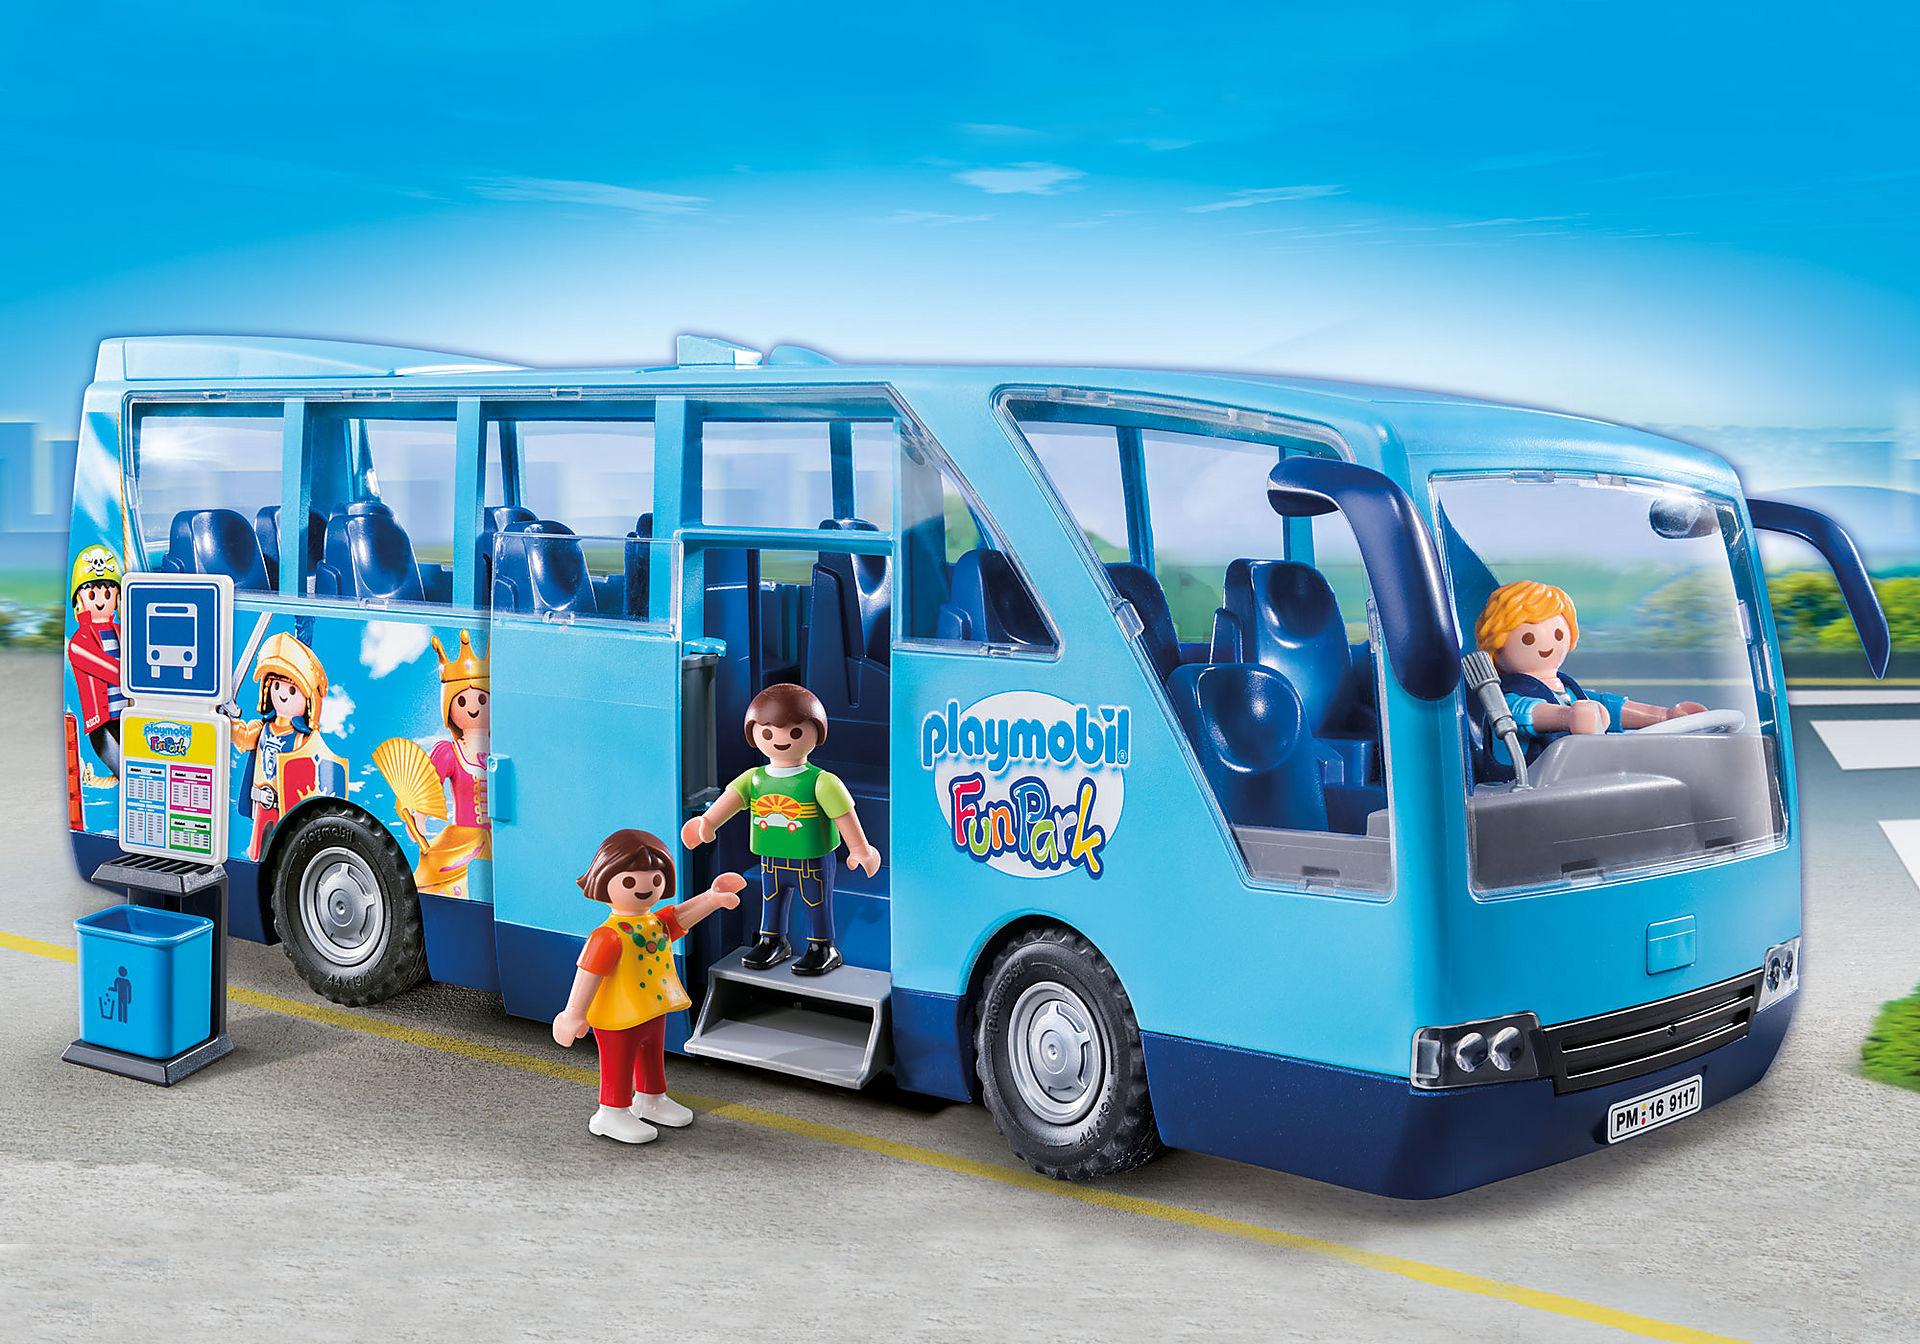 9117 PLAYMOBIL FunPark Bus zoom image1